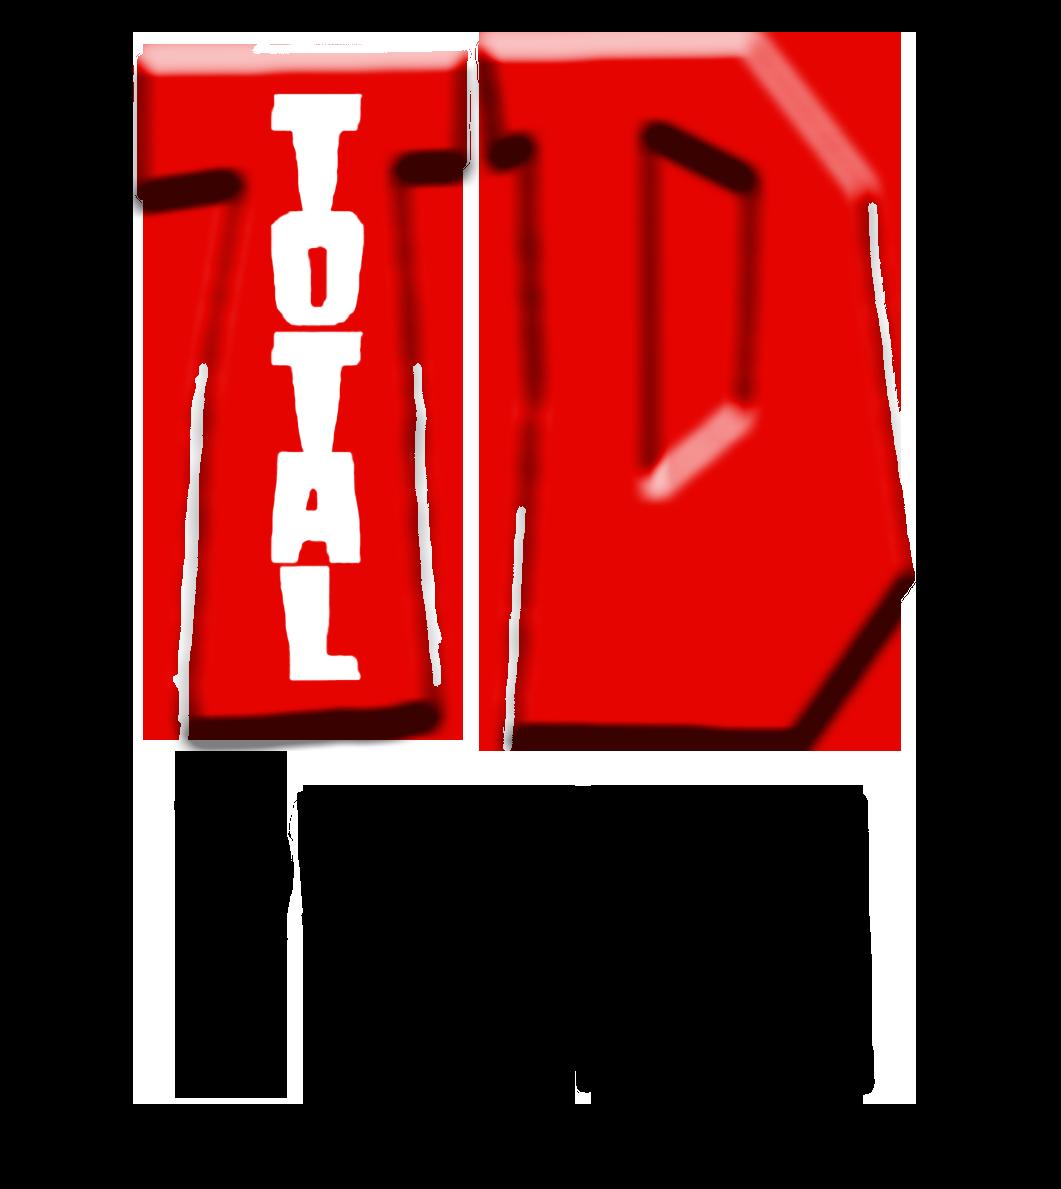 Total Drama - Wikipedia